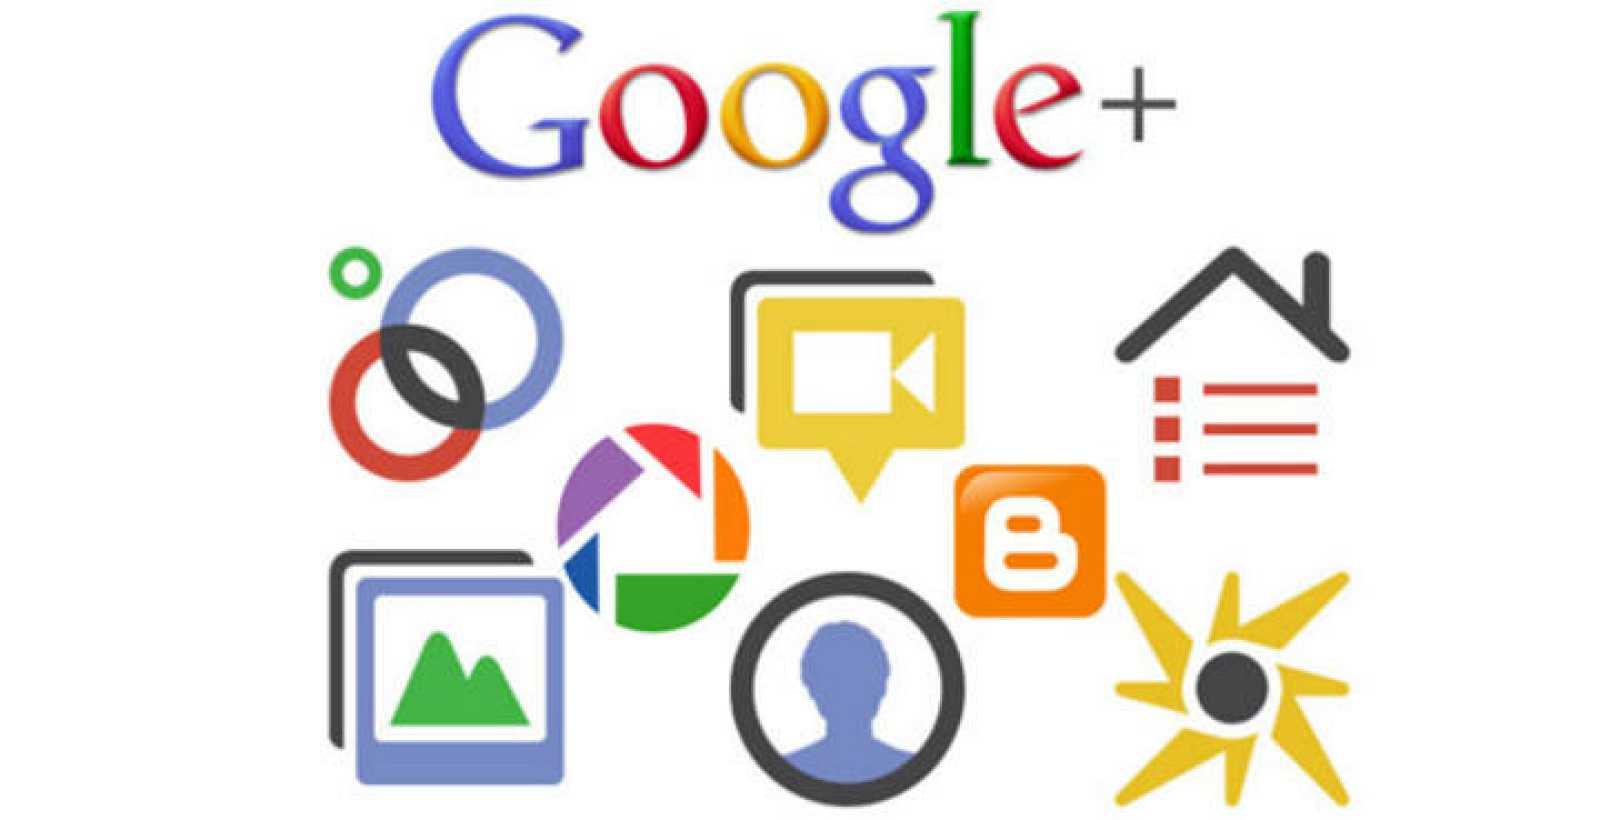 Google pretende unificar su marca y aunar sus servicios dentro de su nueva red social